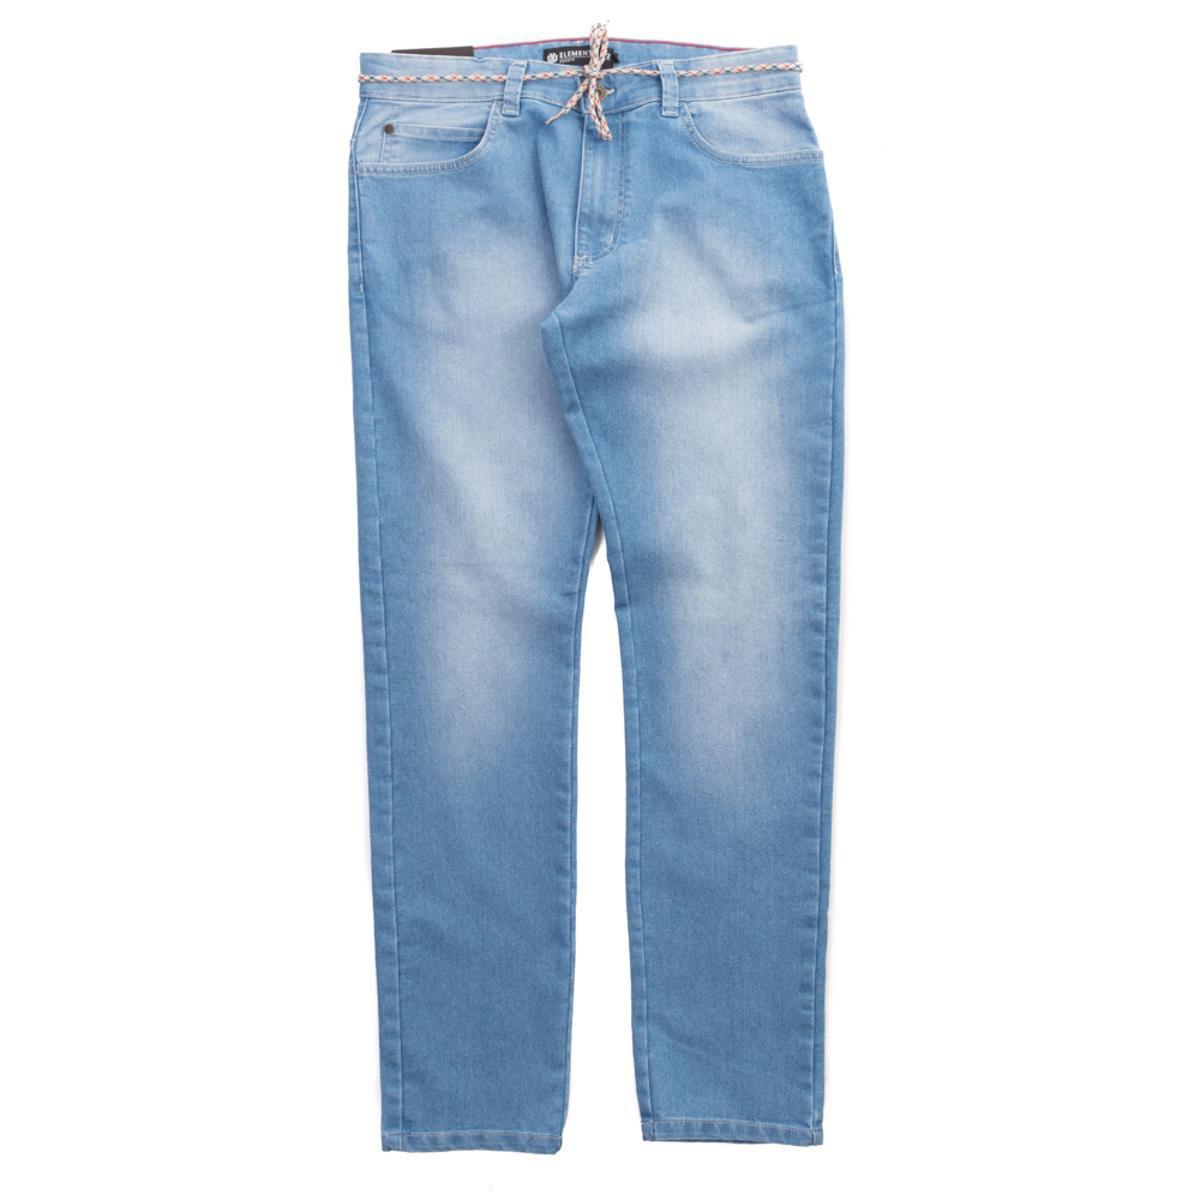 99ec3362d Calça Jeans Masculina Element Delavê II | Zattini